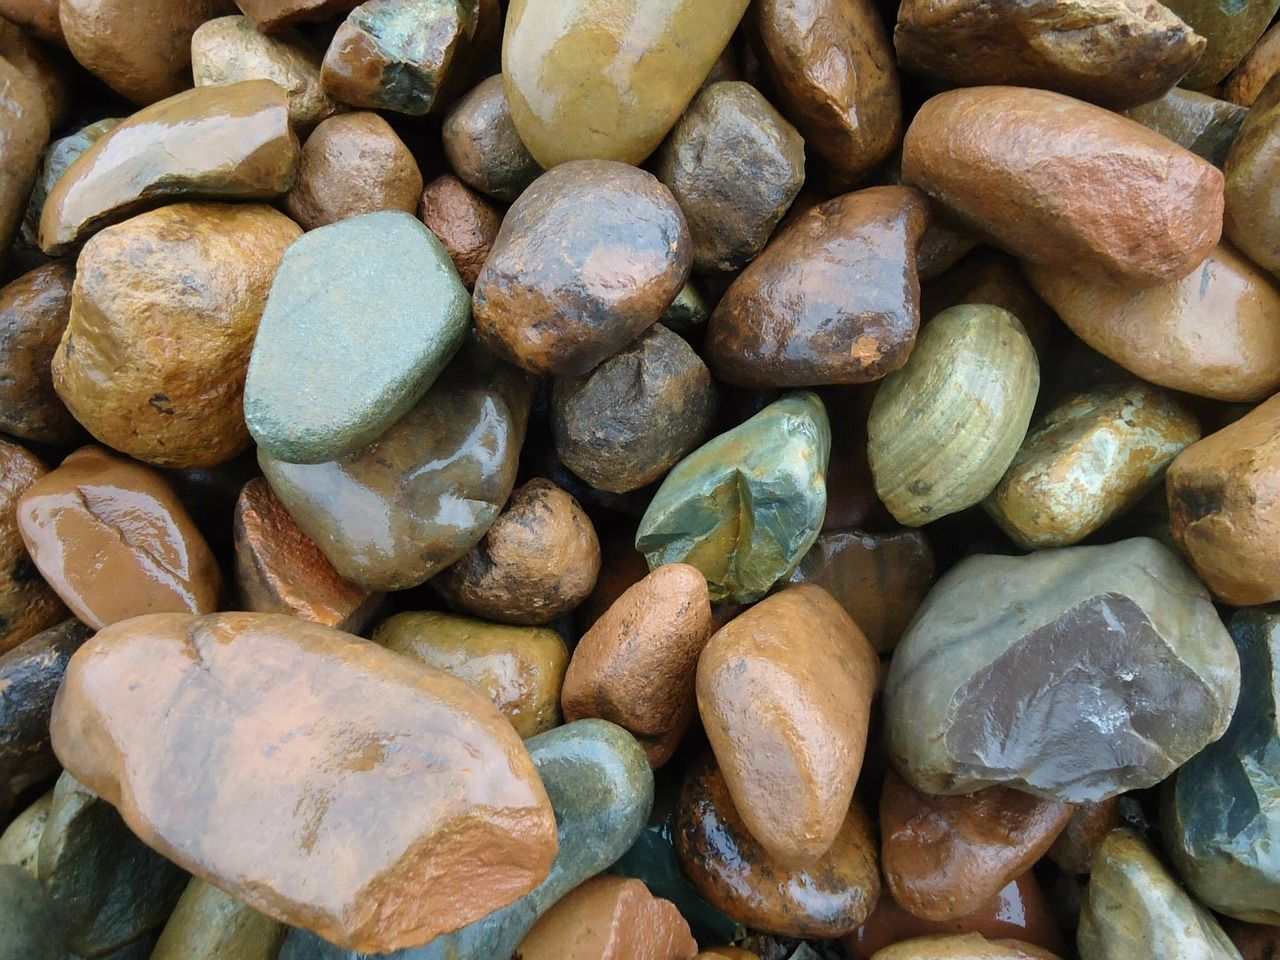 ChooseGarden pebblesfor your home & garden decor